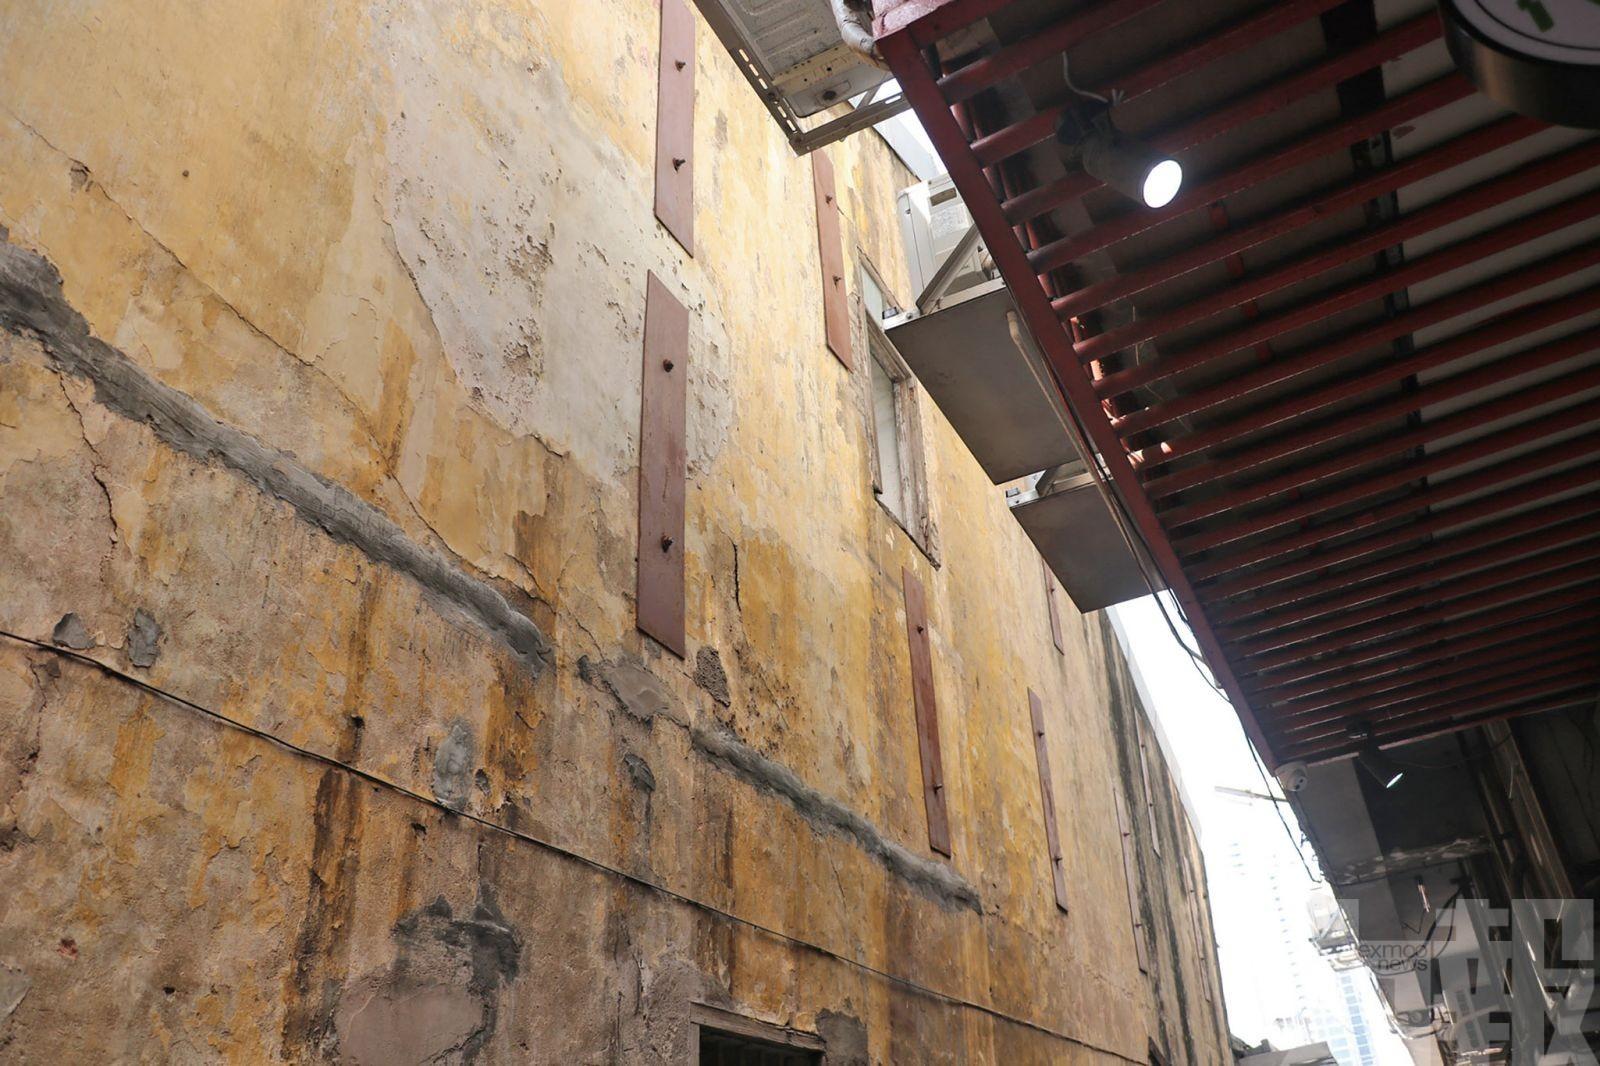 Segurança   Edifício inclinado no Patane causa preocupação